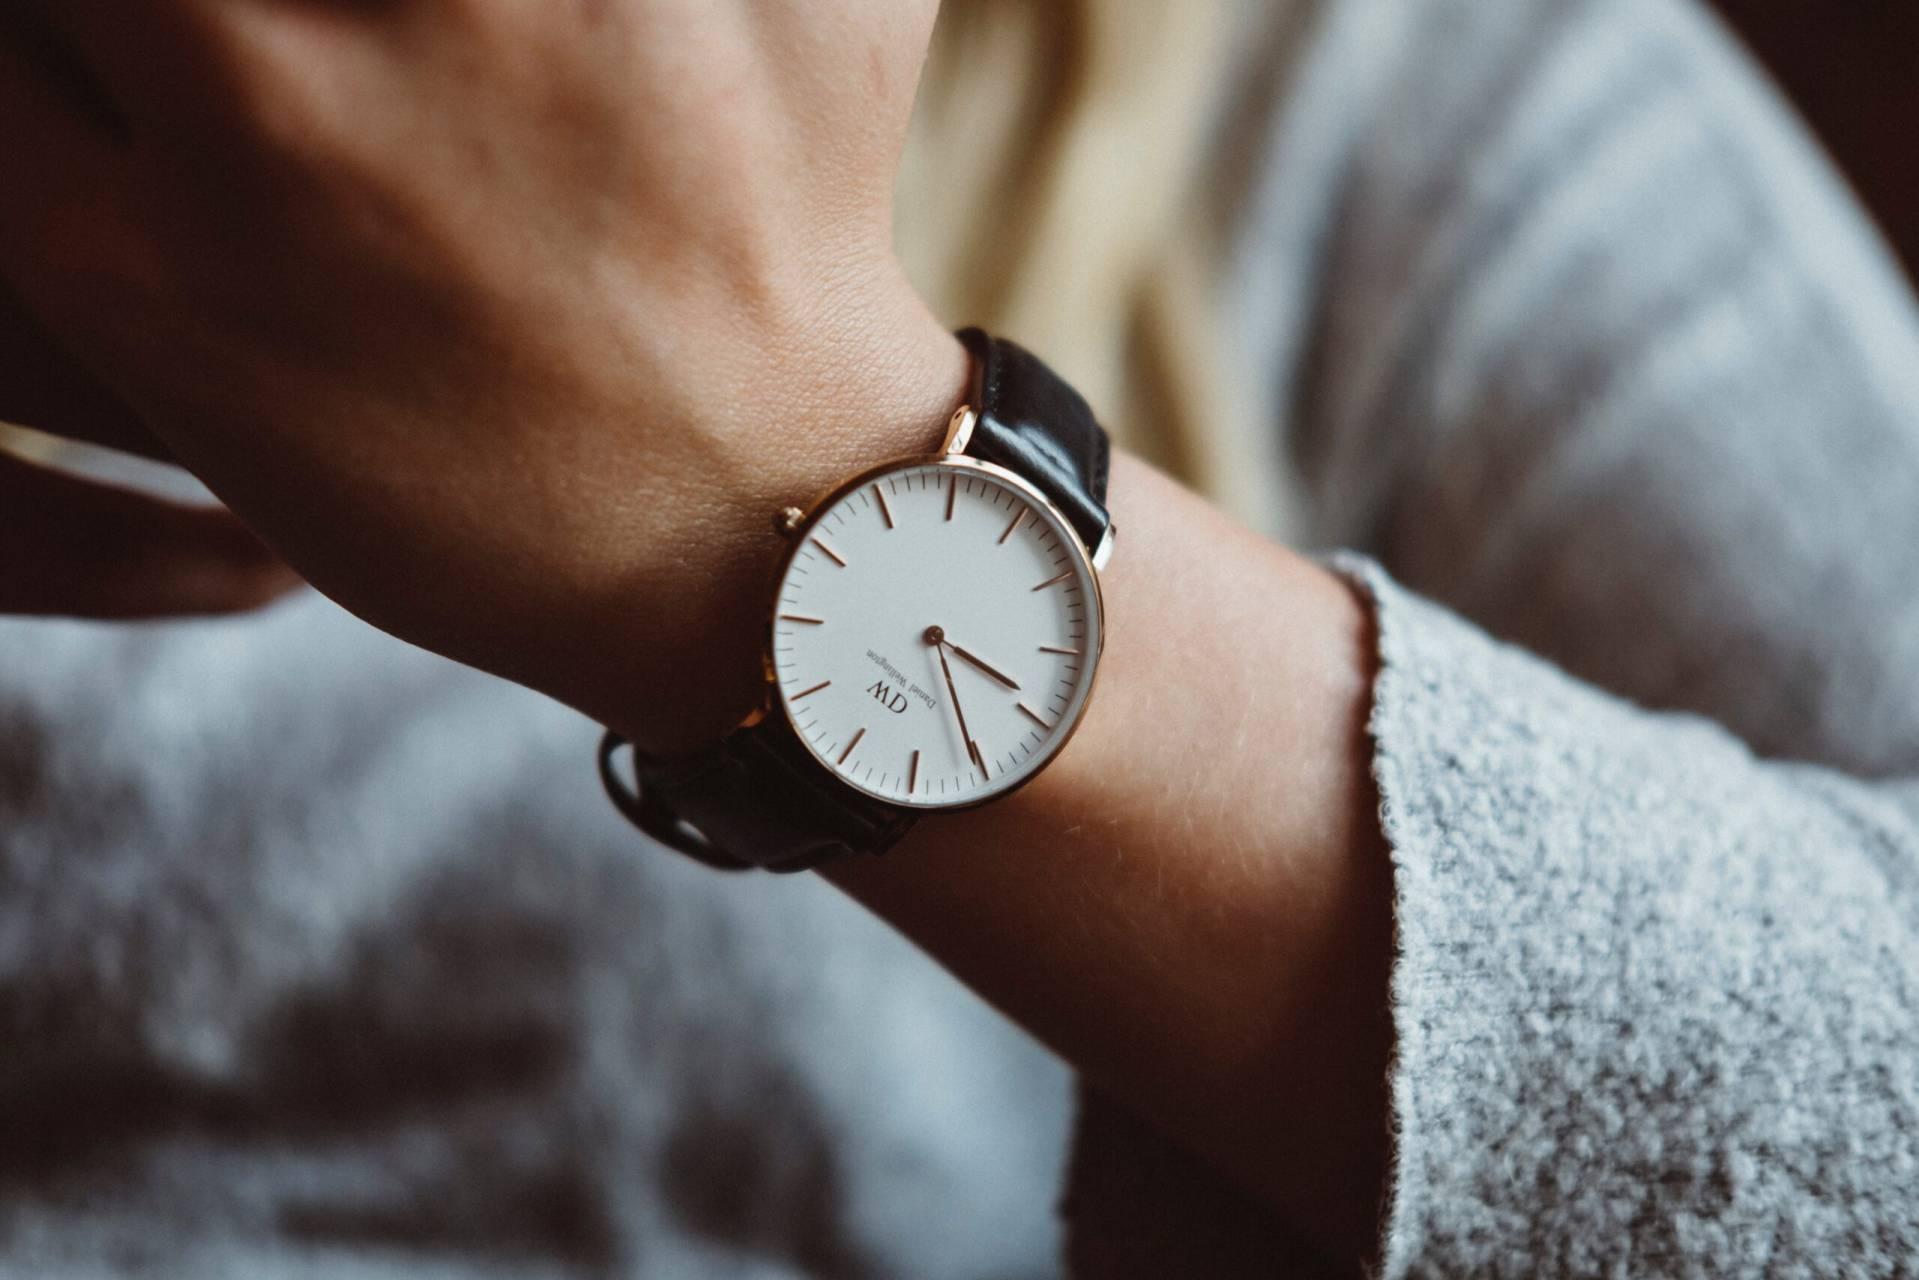 kvinnas handled med klocka